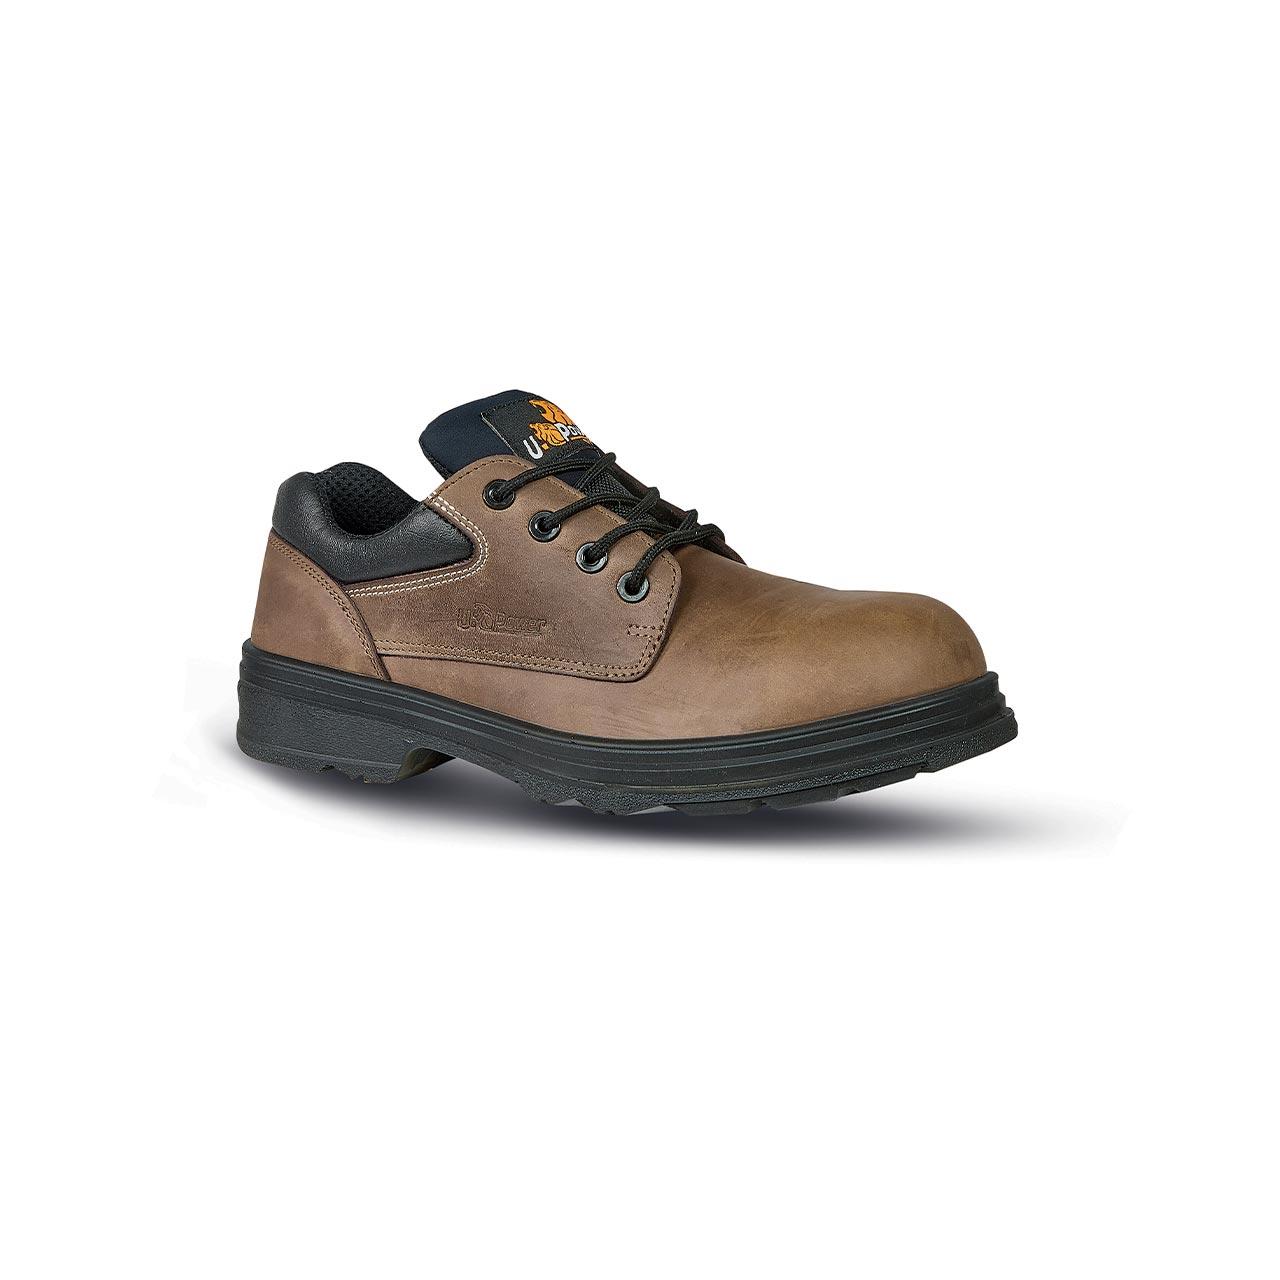 scarpa antinfortunistica upower modello etnic linea conceptm vista laterale